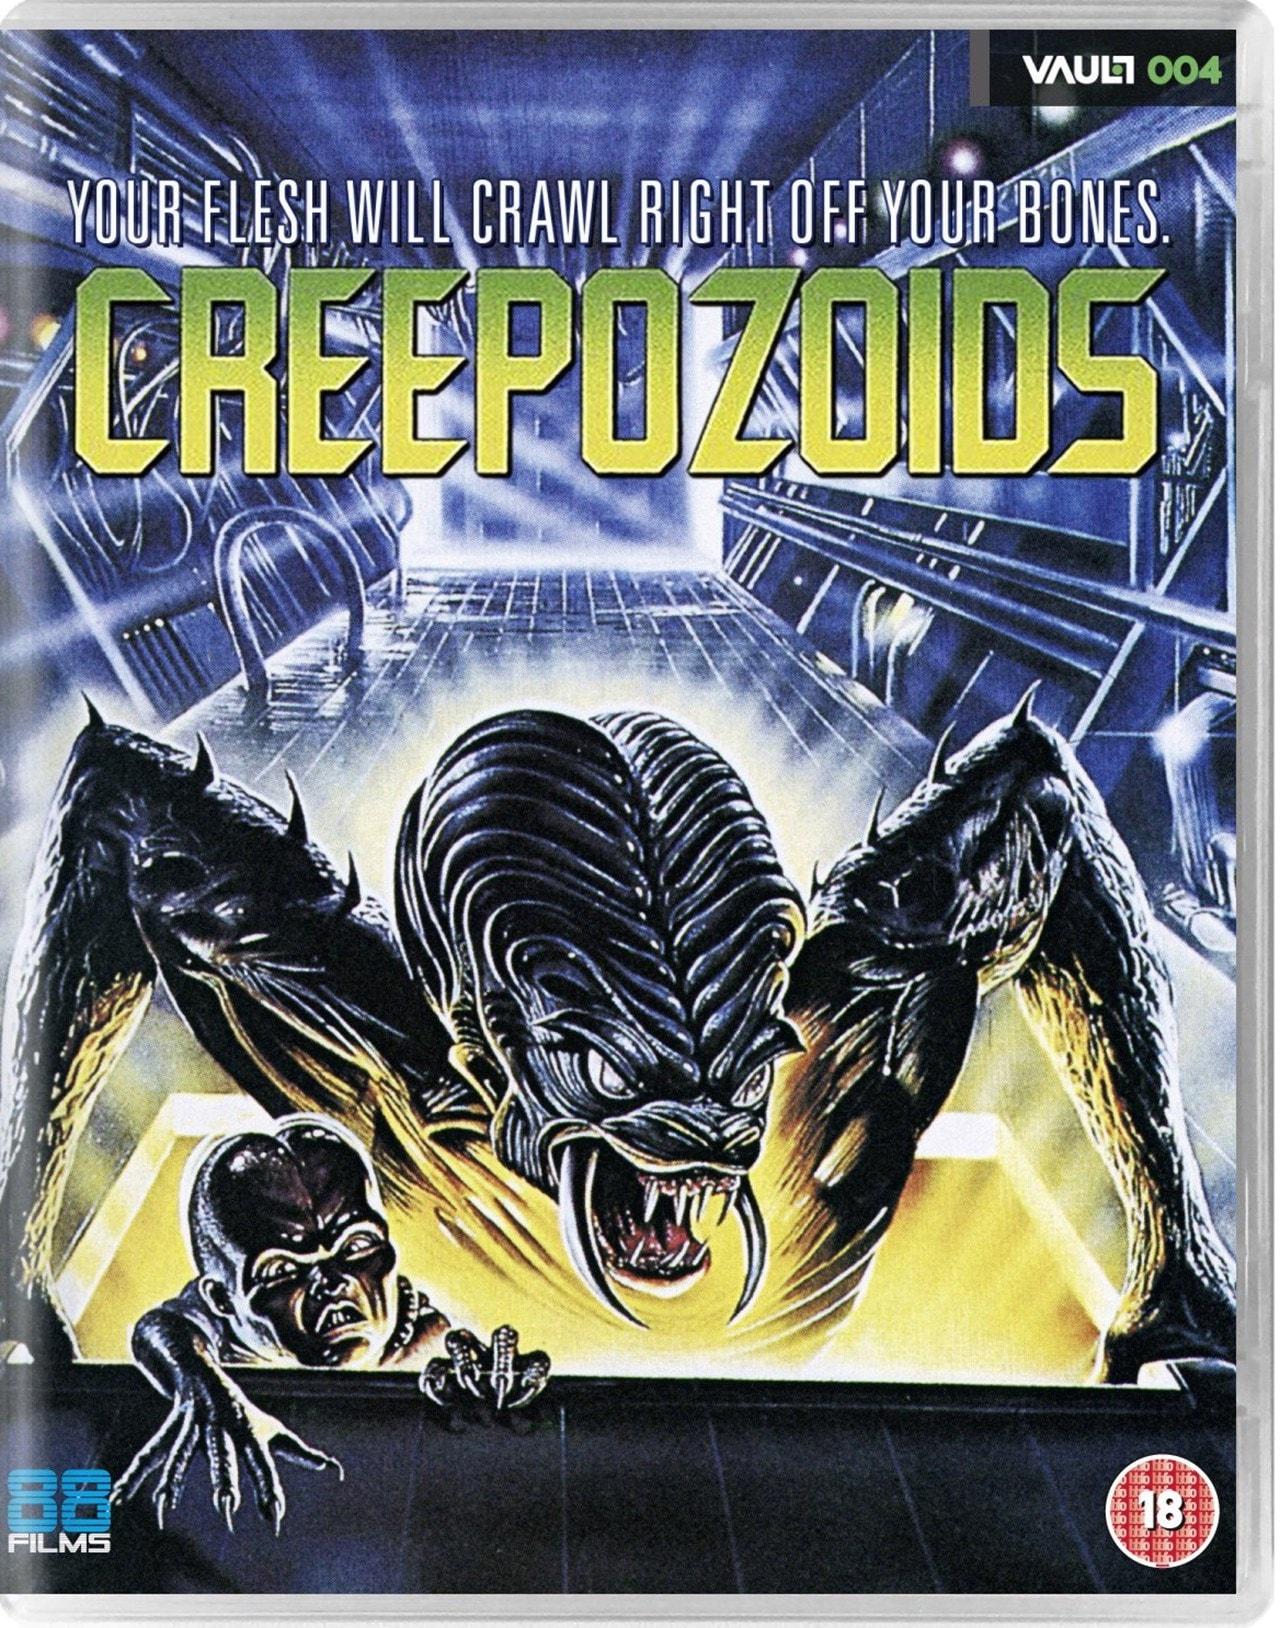 Creepozoids - 1